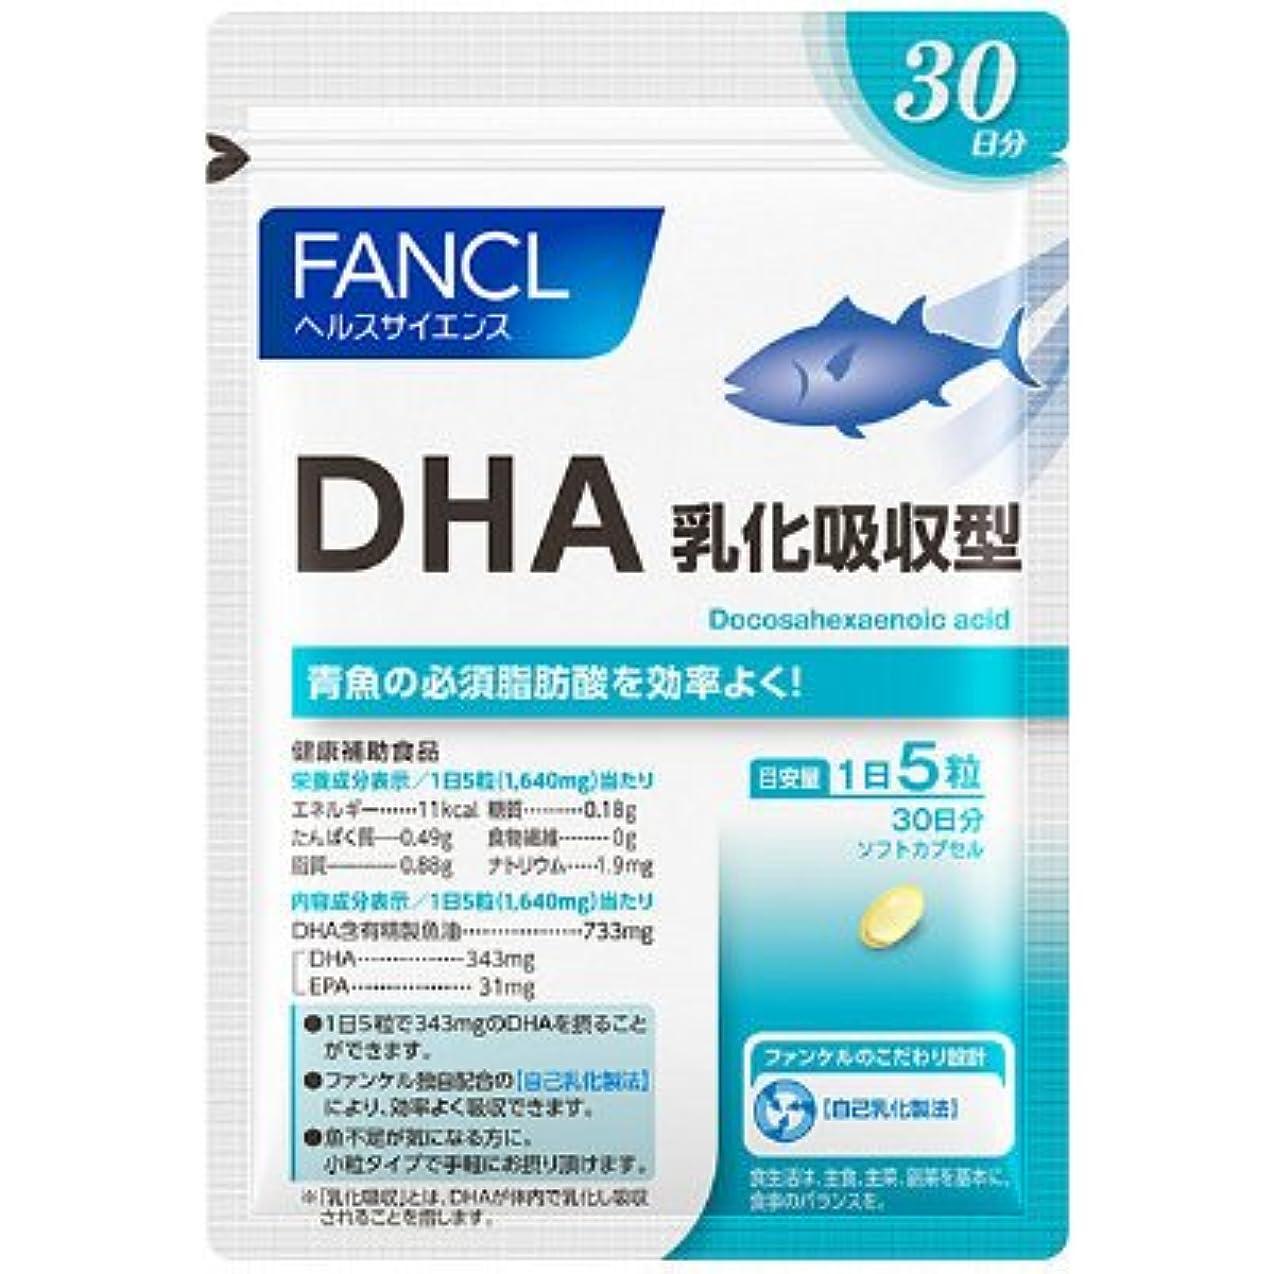 に話す反対プログラムファンケルDHA 乳化吸収型(30日分)